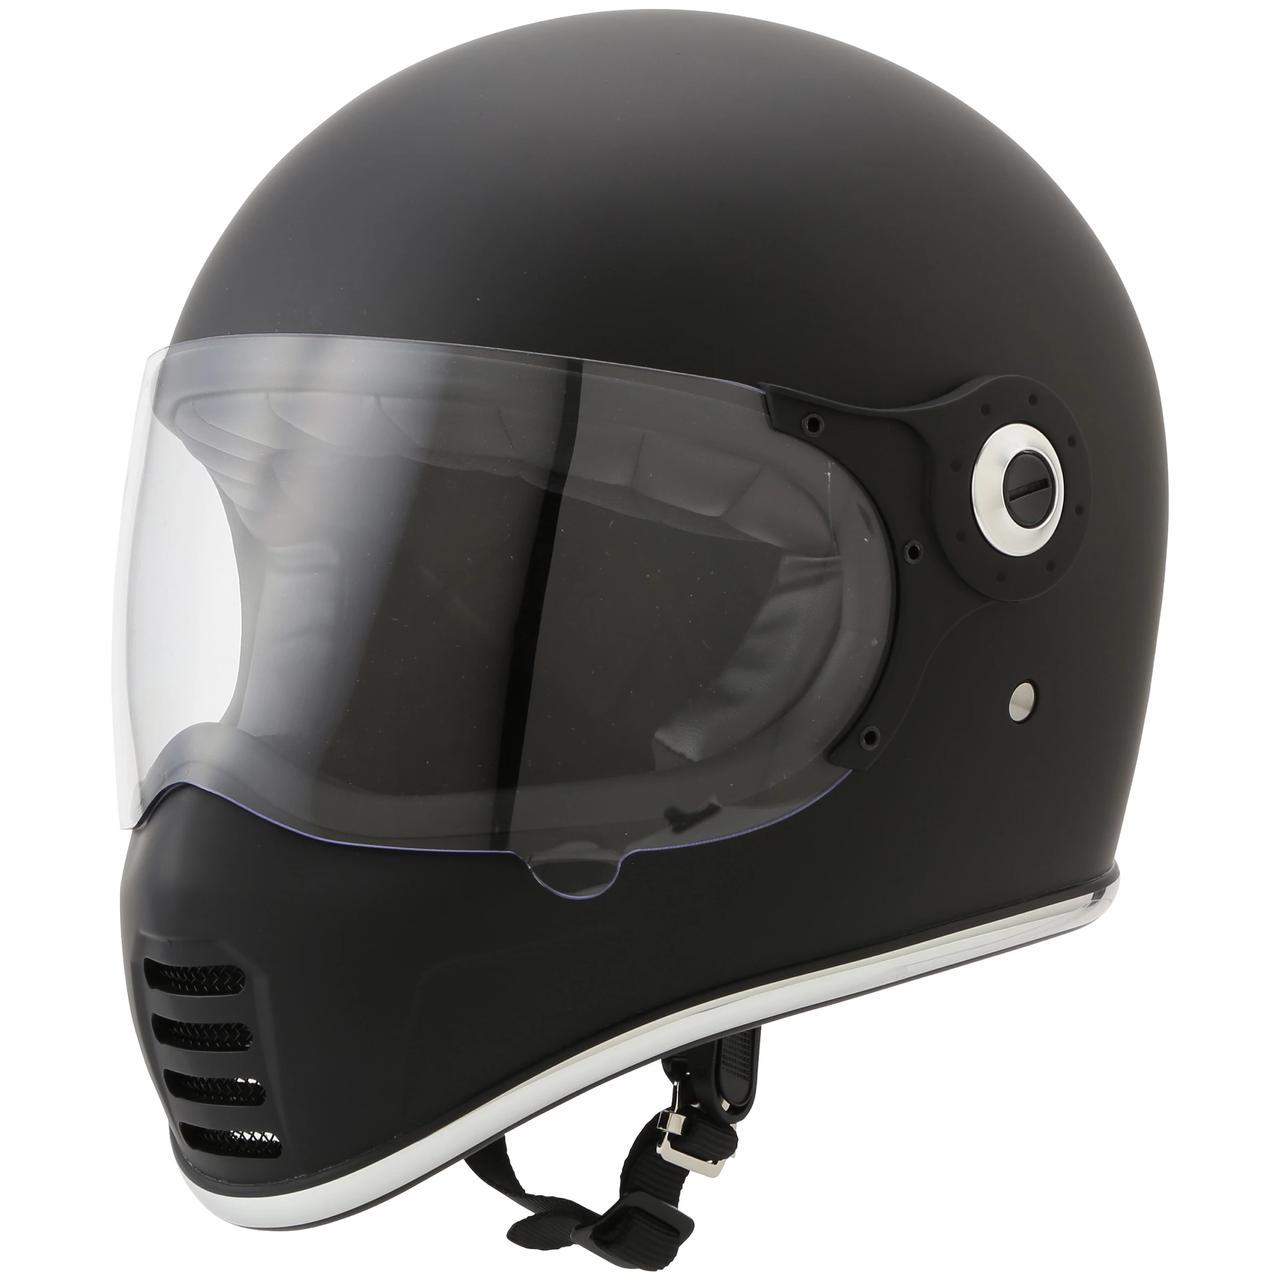 画像11: 【RIDEZ】ネオクラシックヘルメット「XX」(ダブルエックス)が発売開始! 価格も魅力的!